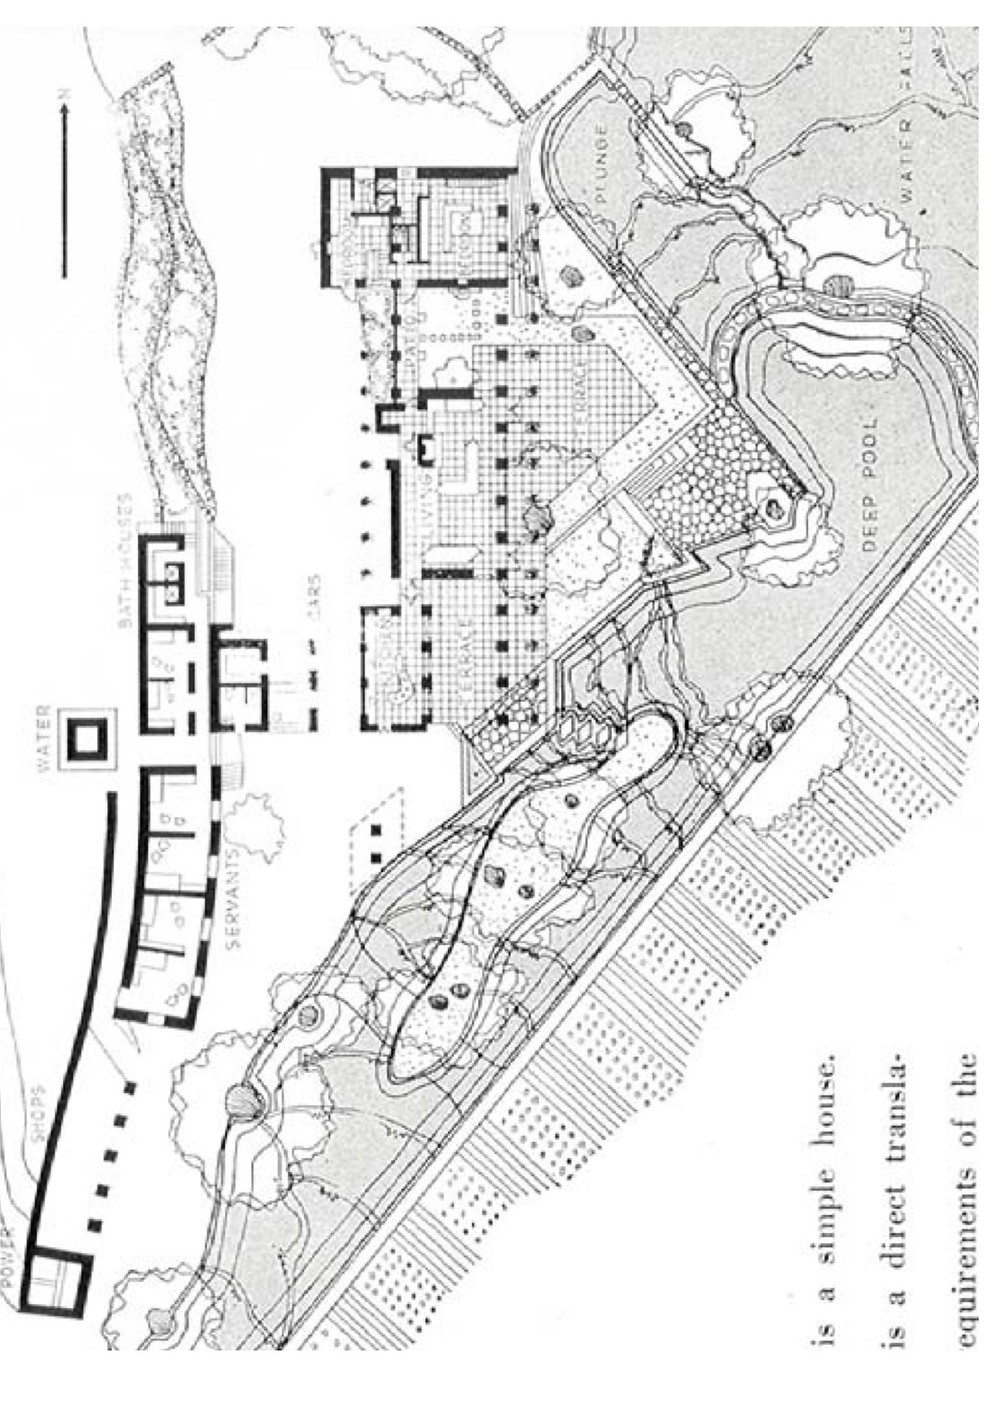 Anshen & Allen Silverstone House site plan